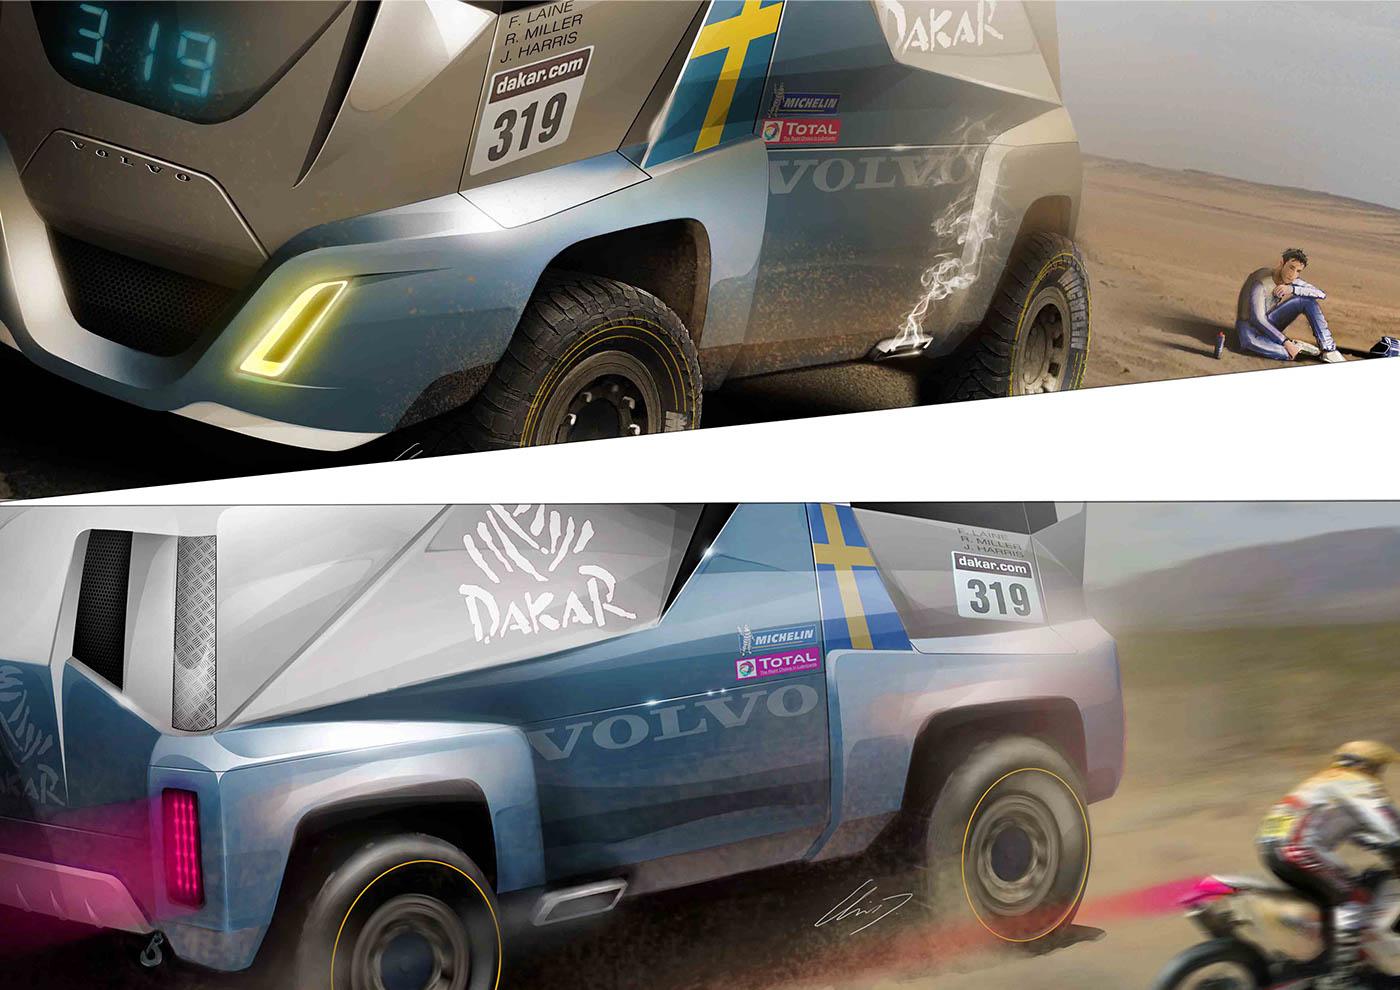 Volvo T4 Dakar Truck On Behance